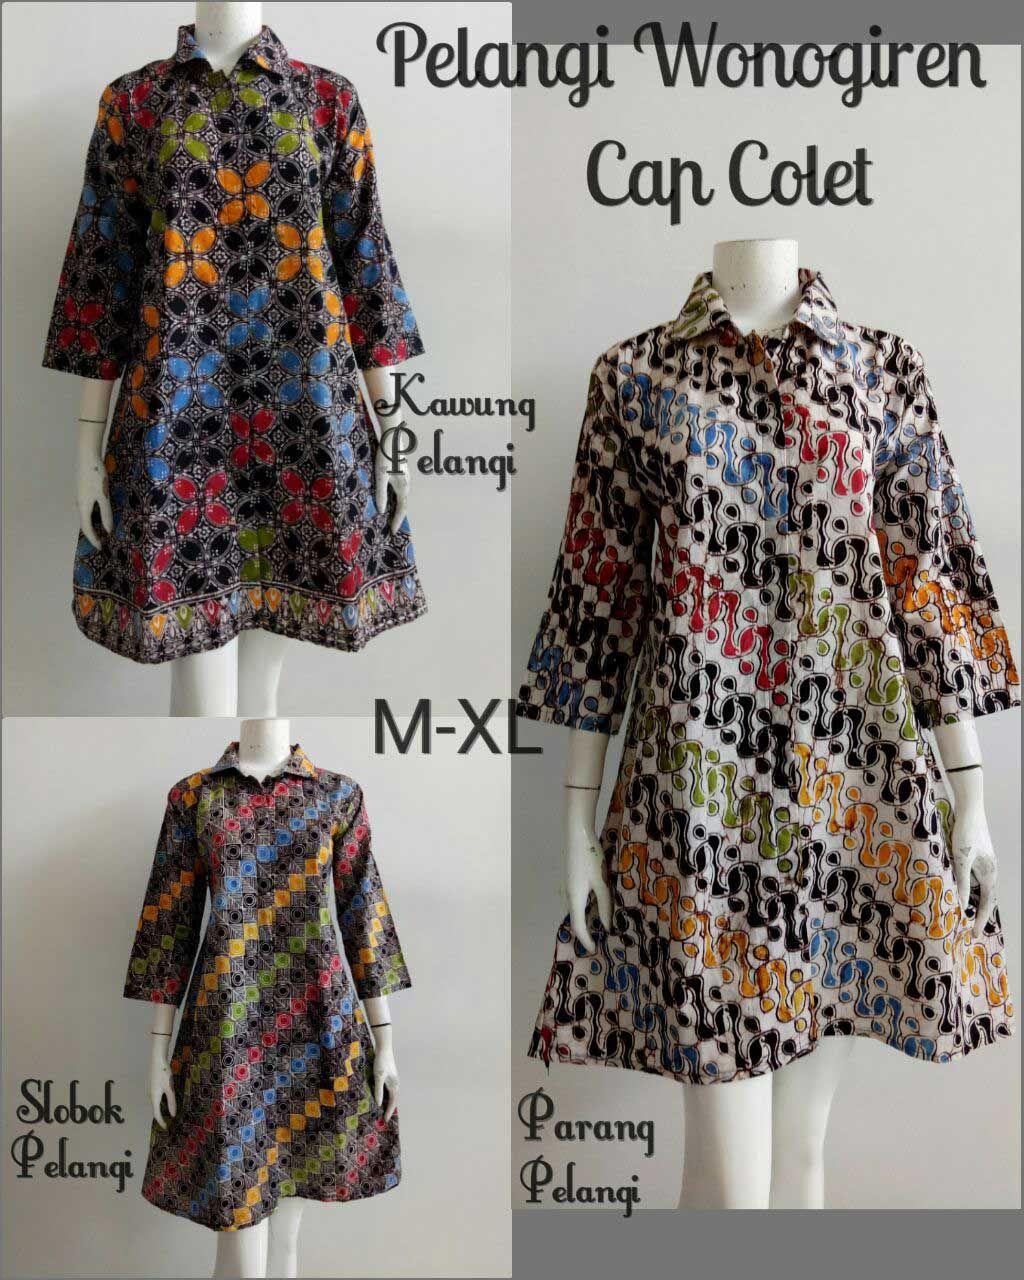 Baju Batik Wanita Modern Motif Wonogiren dengan motif yang klasik dan  elegan dengan model modern dan 40dda1f758